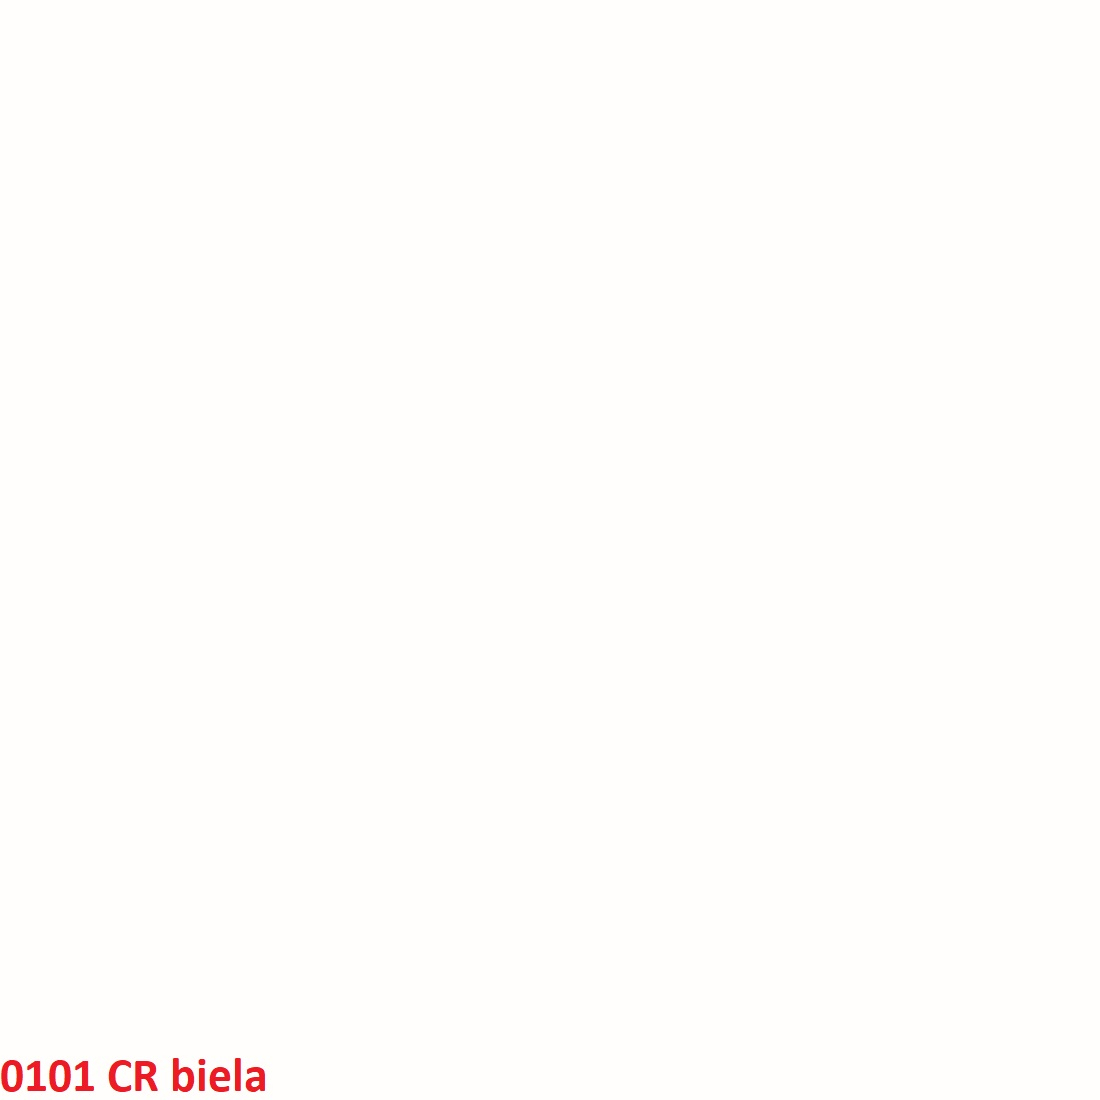 ArtExt Zástena za kuchynskú linku 38 mm: Biela CR 0101